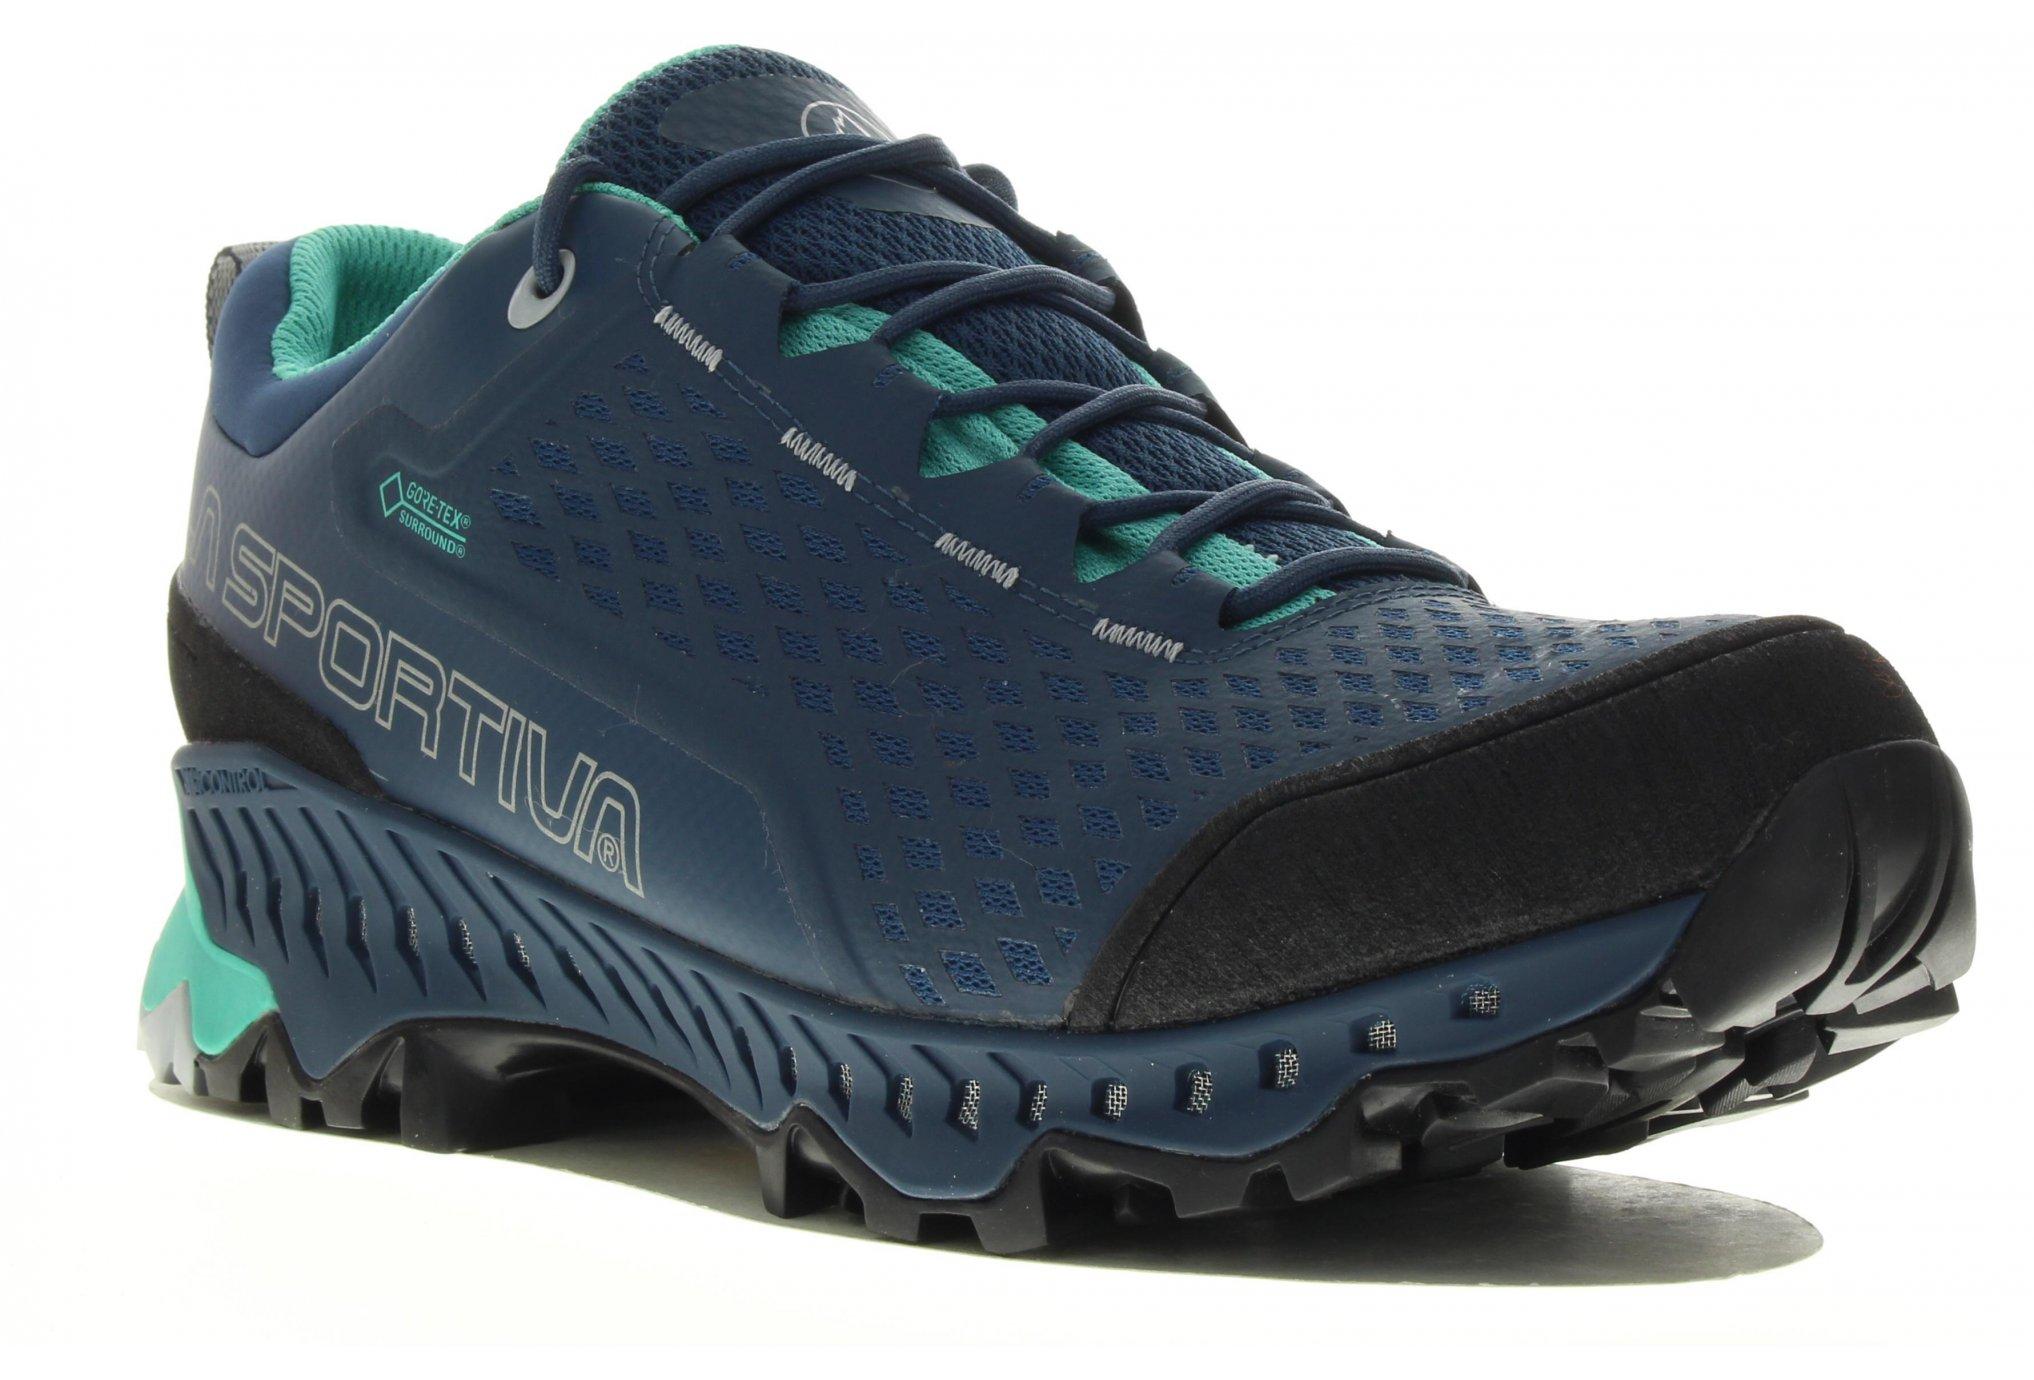 La Sportiva Spire Gore-Tex W Chaussures running femme